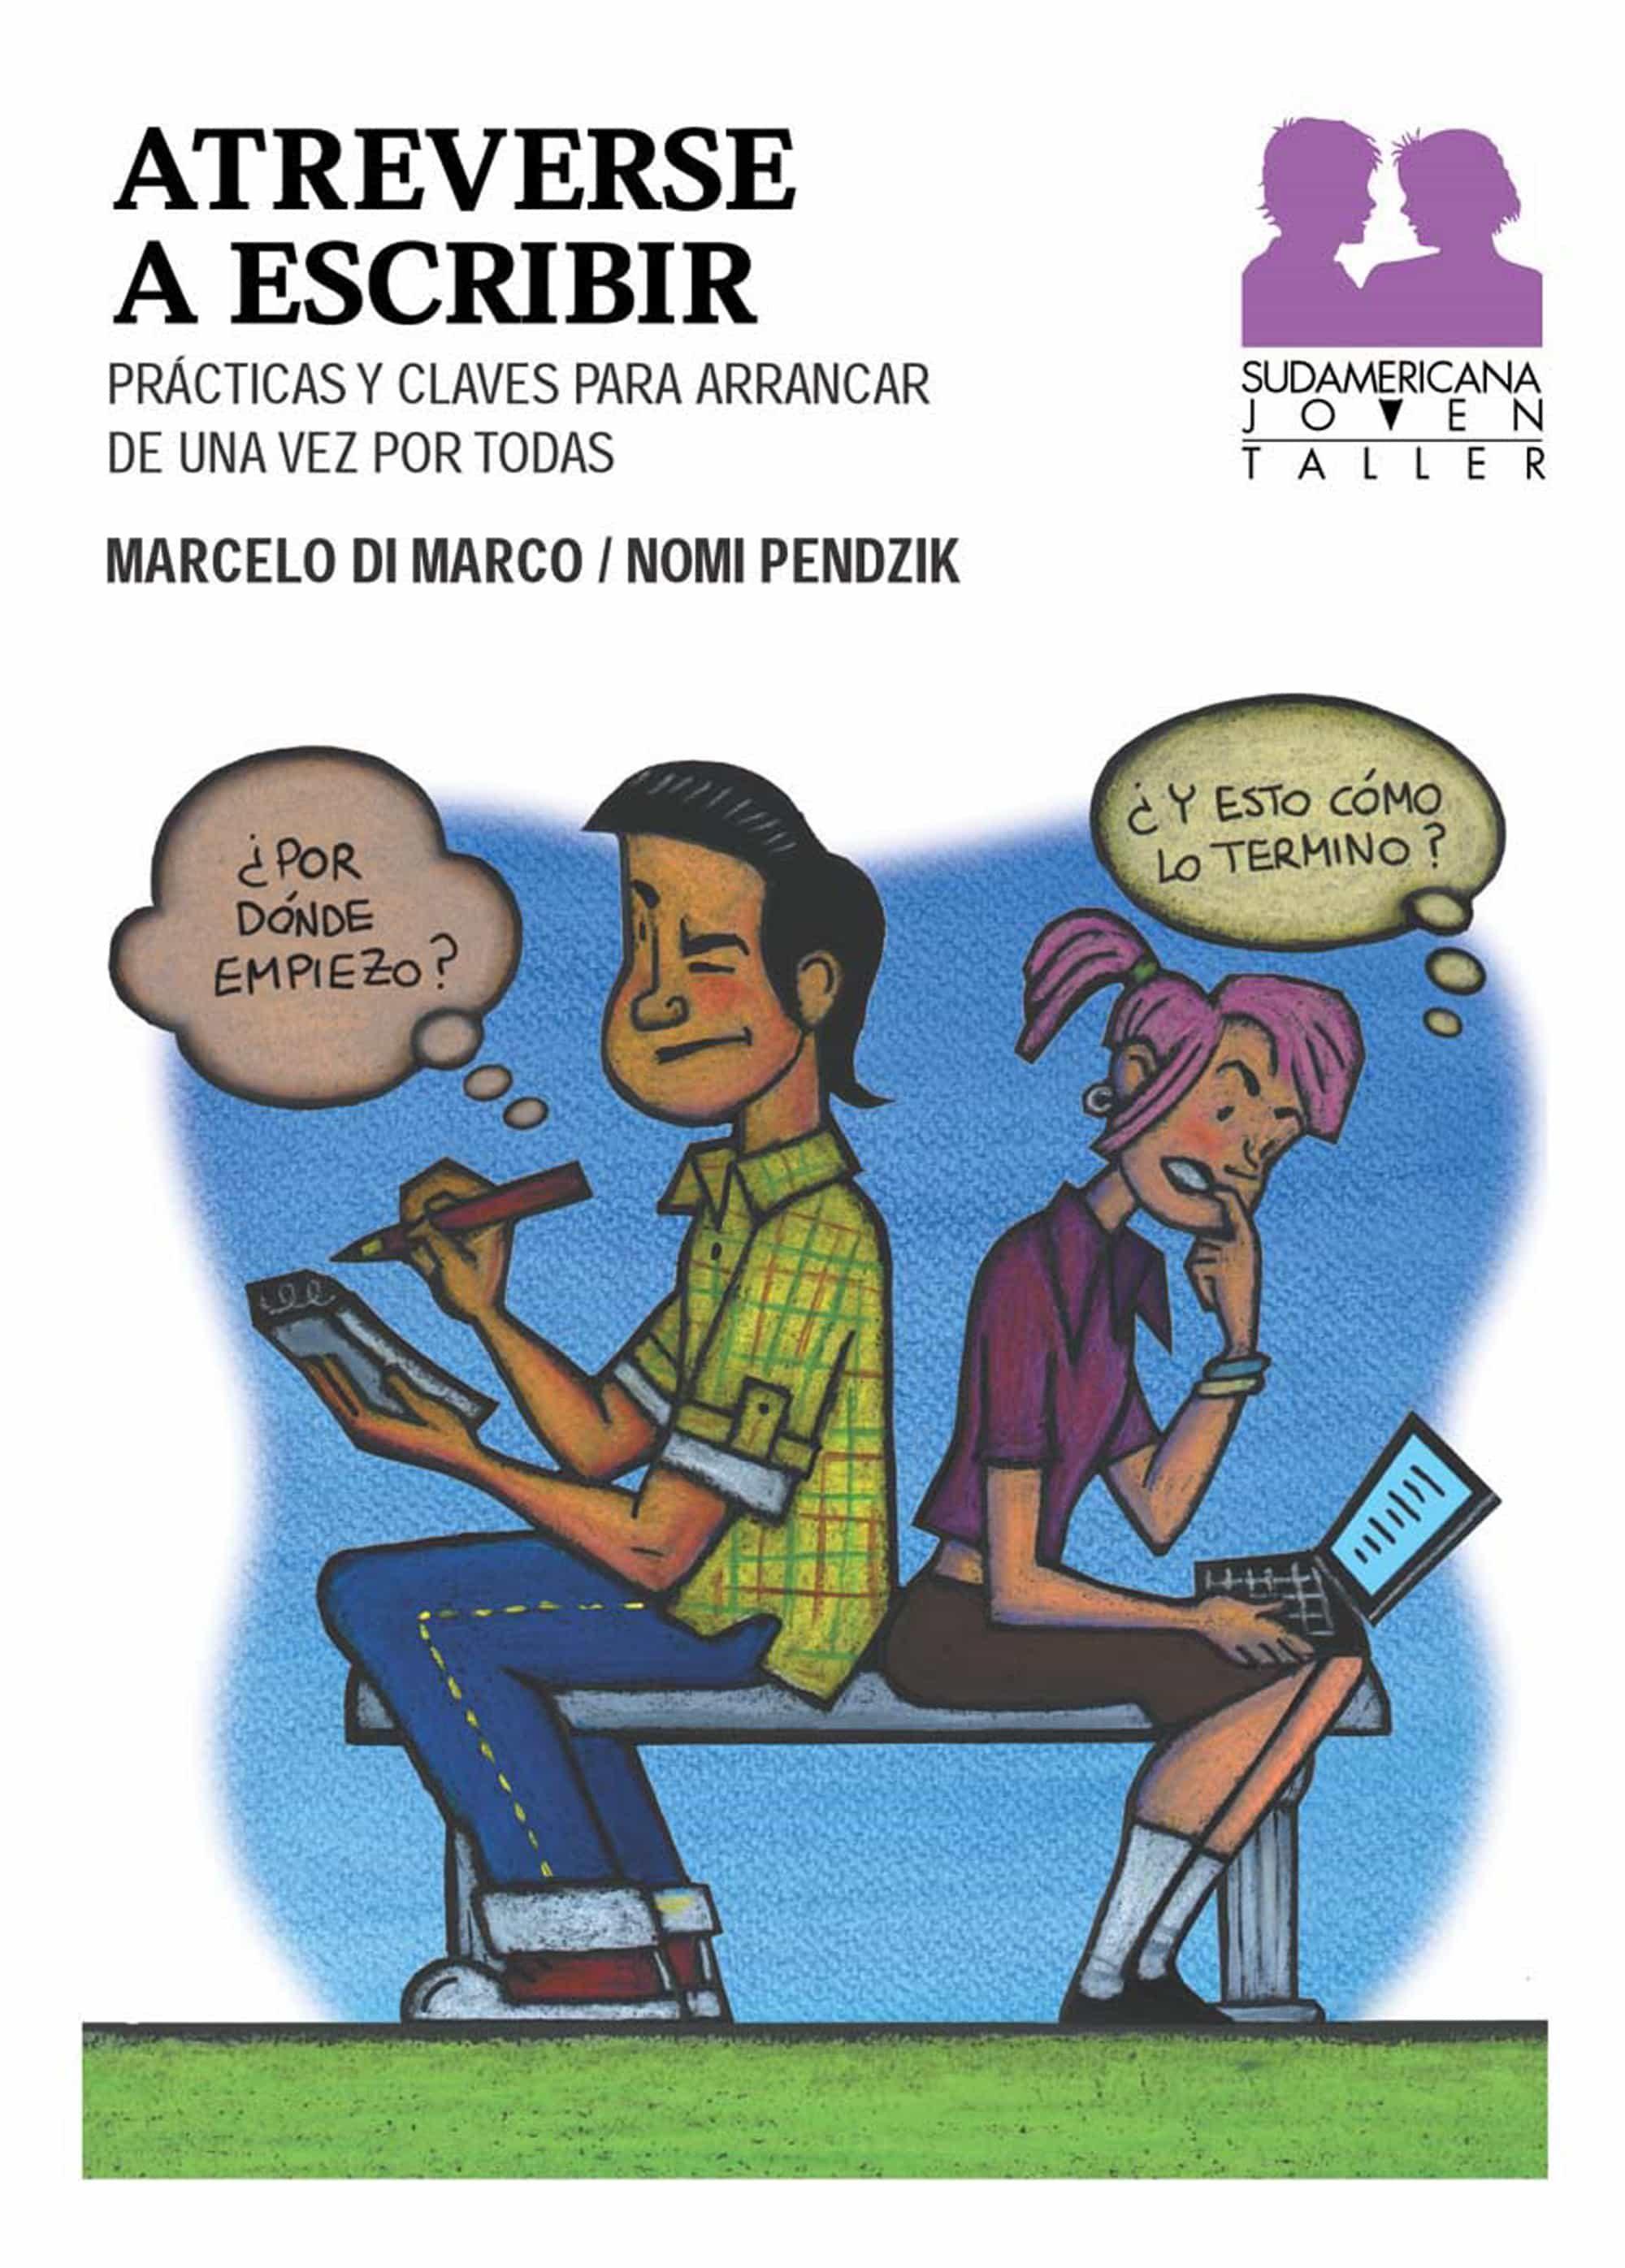 ATREVERSE A ESCRIBIR EBOOK | MARCELO DI MARCO | Descargar libro PDF ...